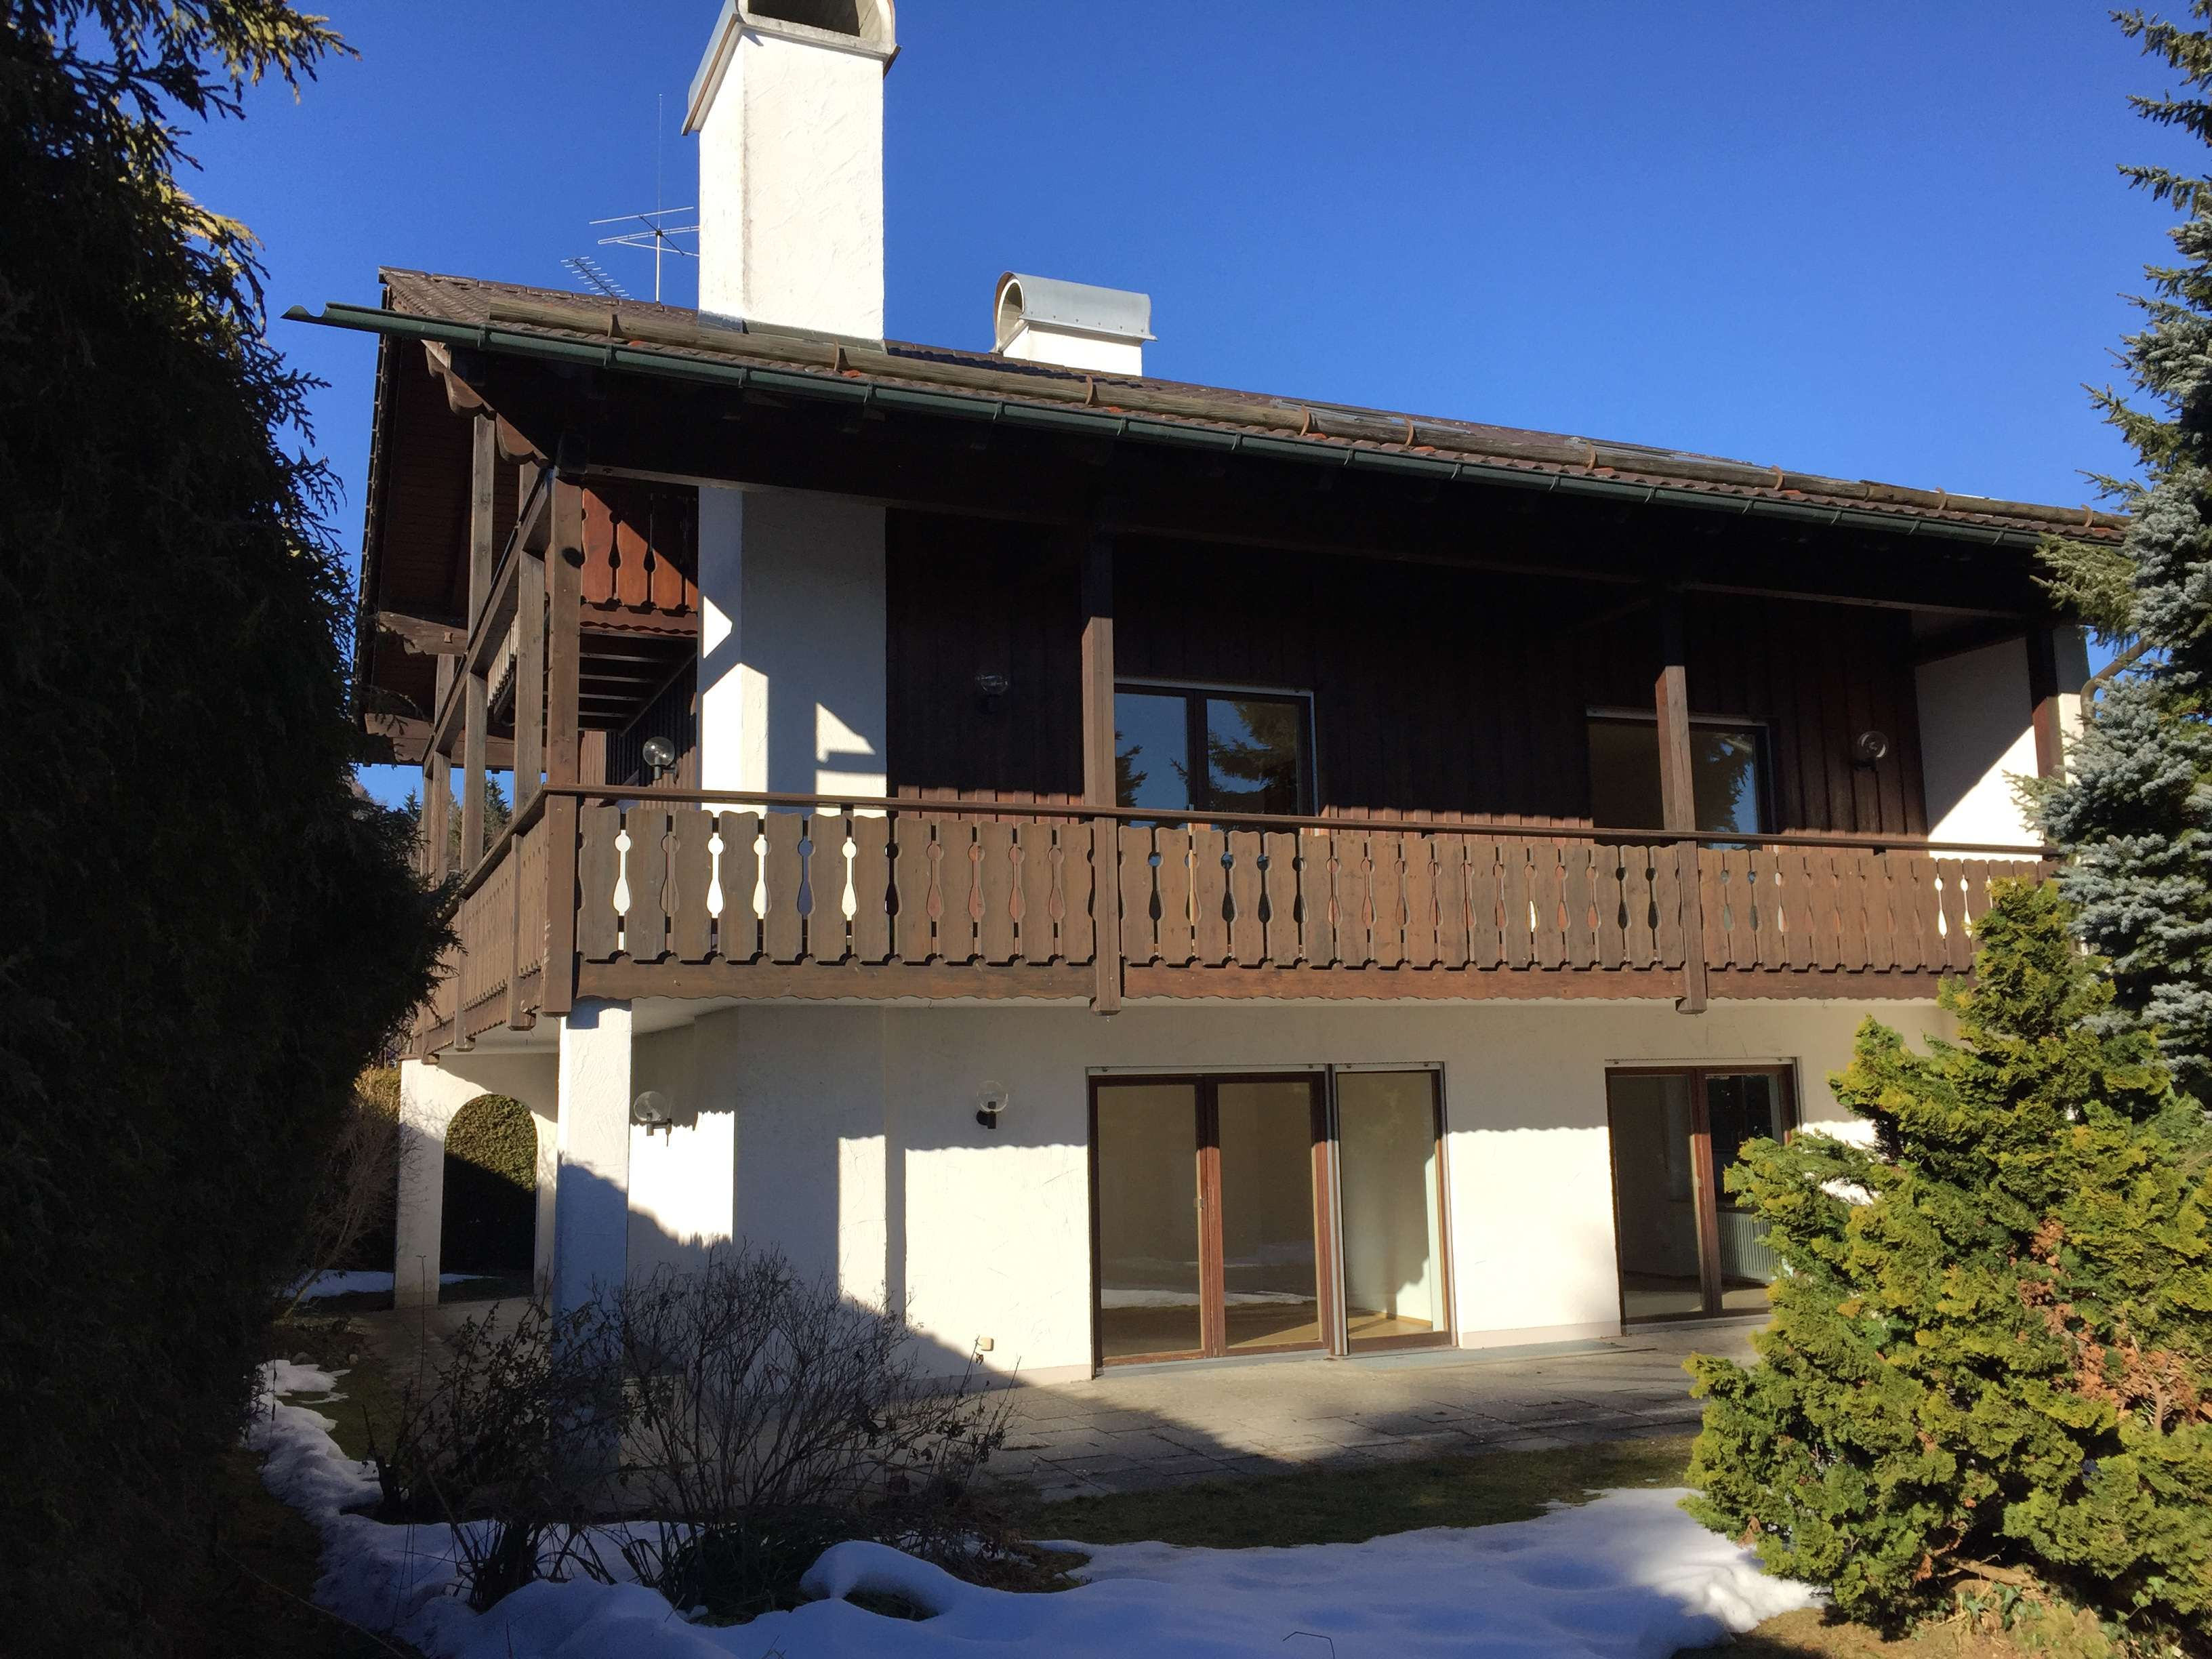 Geräumige 2-Zimmer-Wohnung mit großem Balkon in Tutzing- Unterzeismering